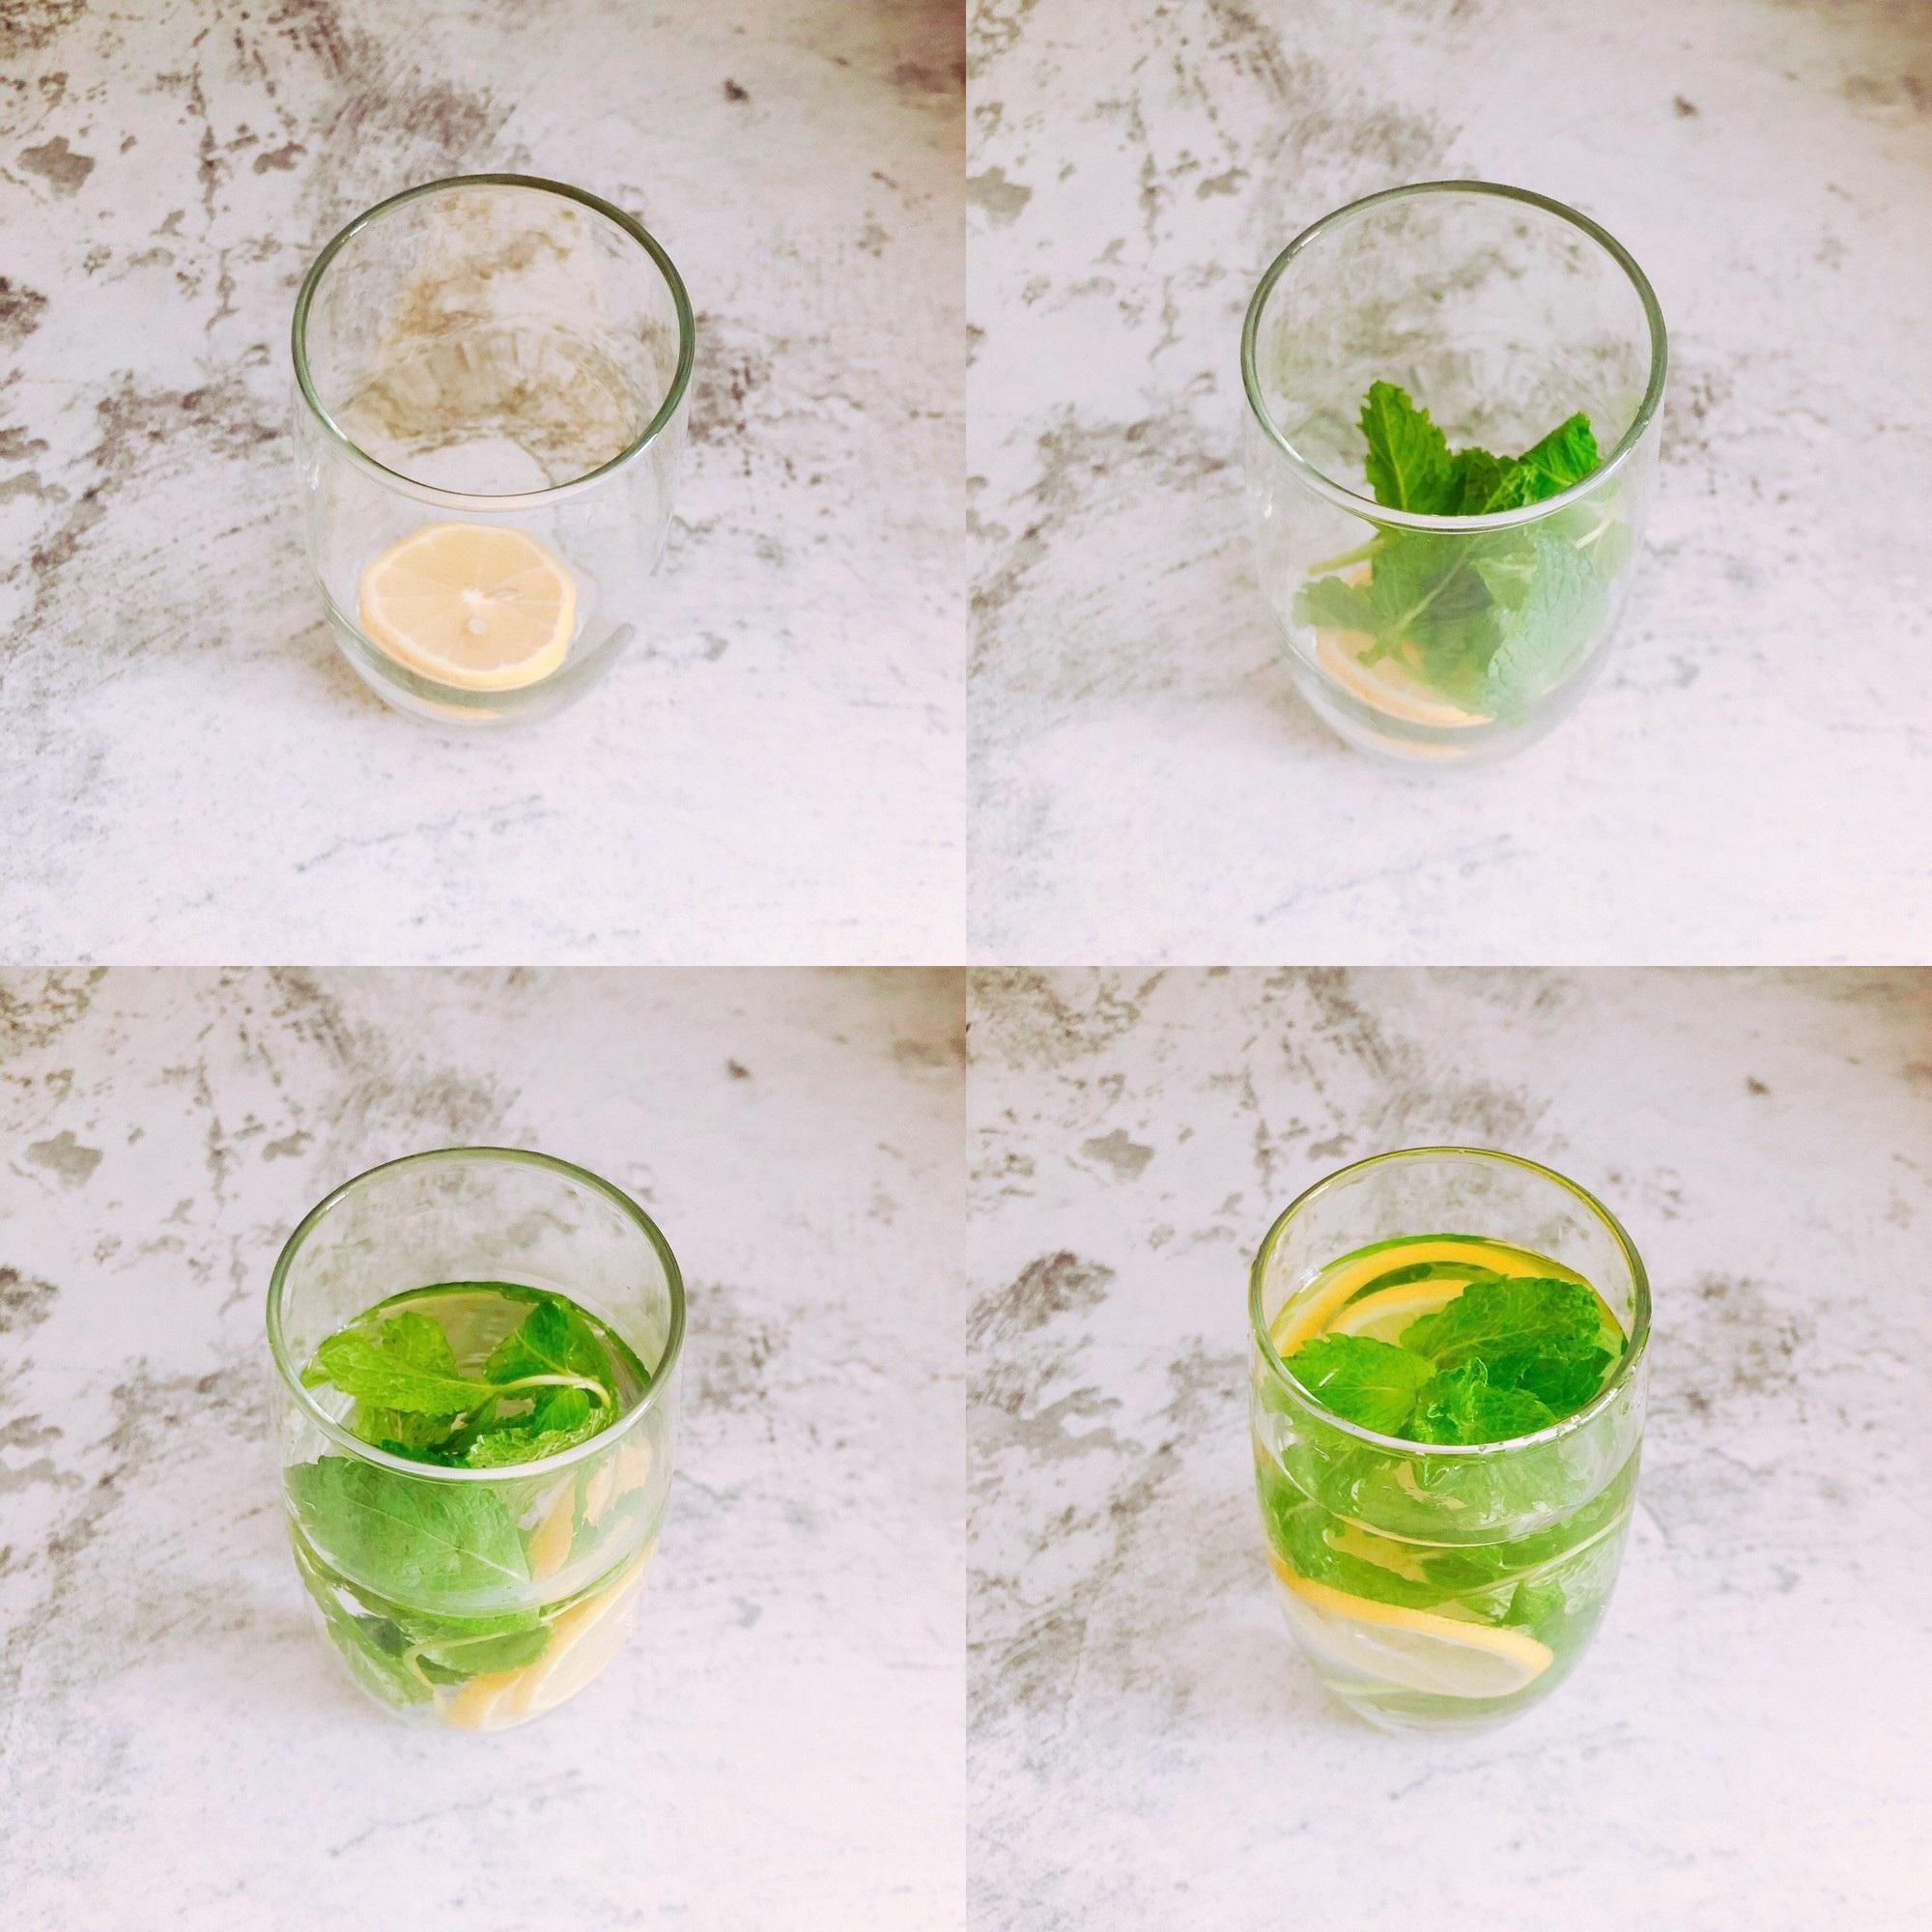 2 món đồ uống làm siêu nhanh, nguyên liệu chợ nào cũng có giúp thải độc cơ thể cực kỳ hiệu quả - Ảnh 1